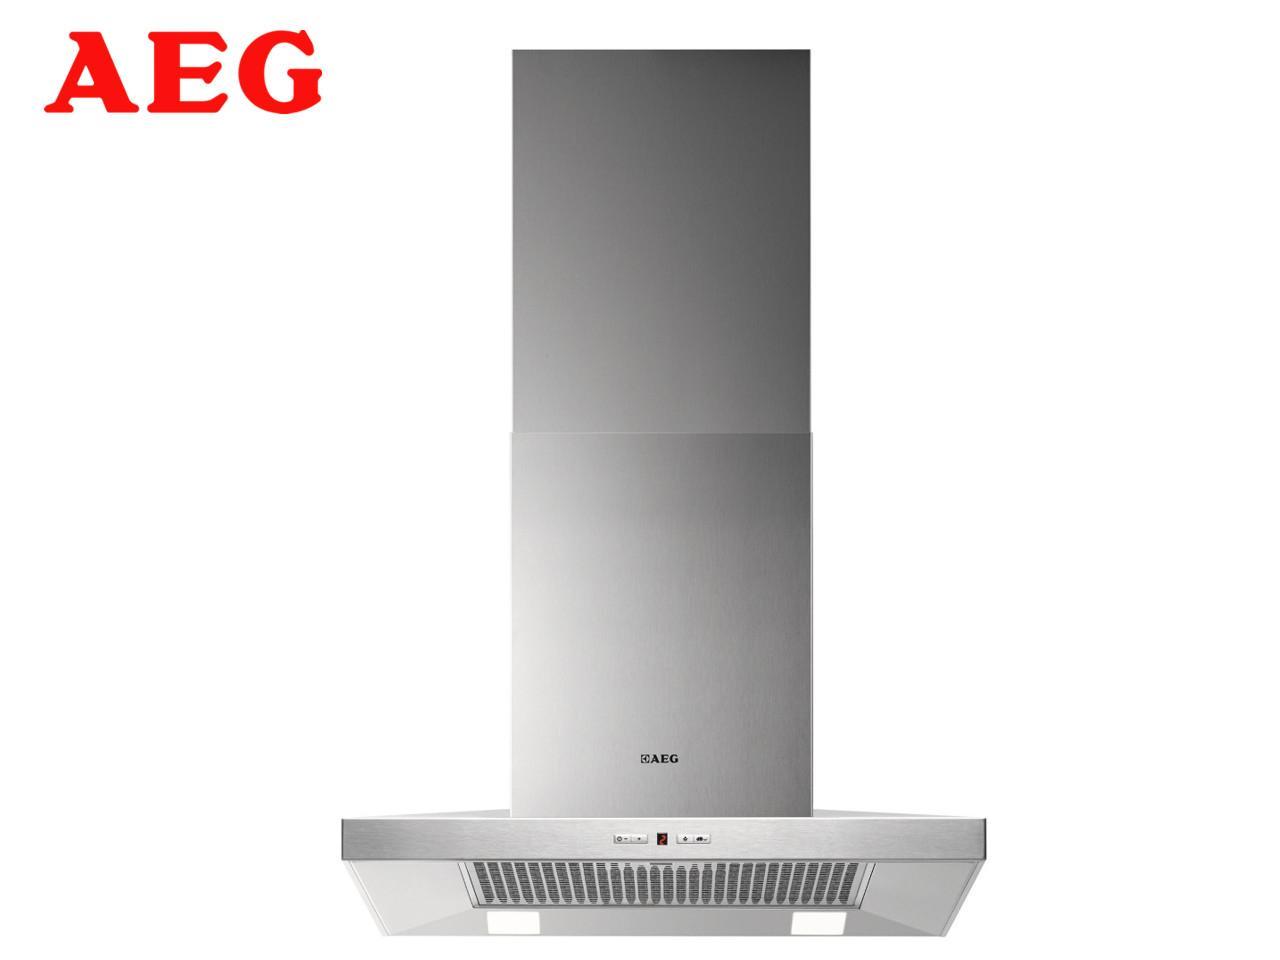 AEG X66264MK1 (ekv. model X66264MD1) + 300 Kč na dárky nebo další nákup | CHAT on-line podpora PO-PÁ 8-22.00!!